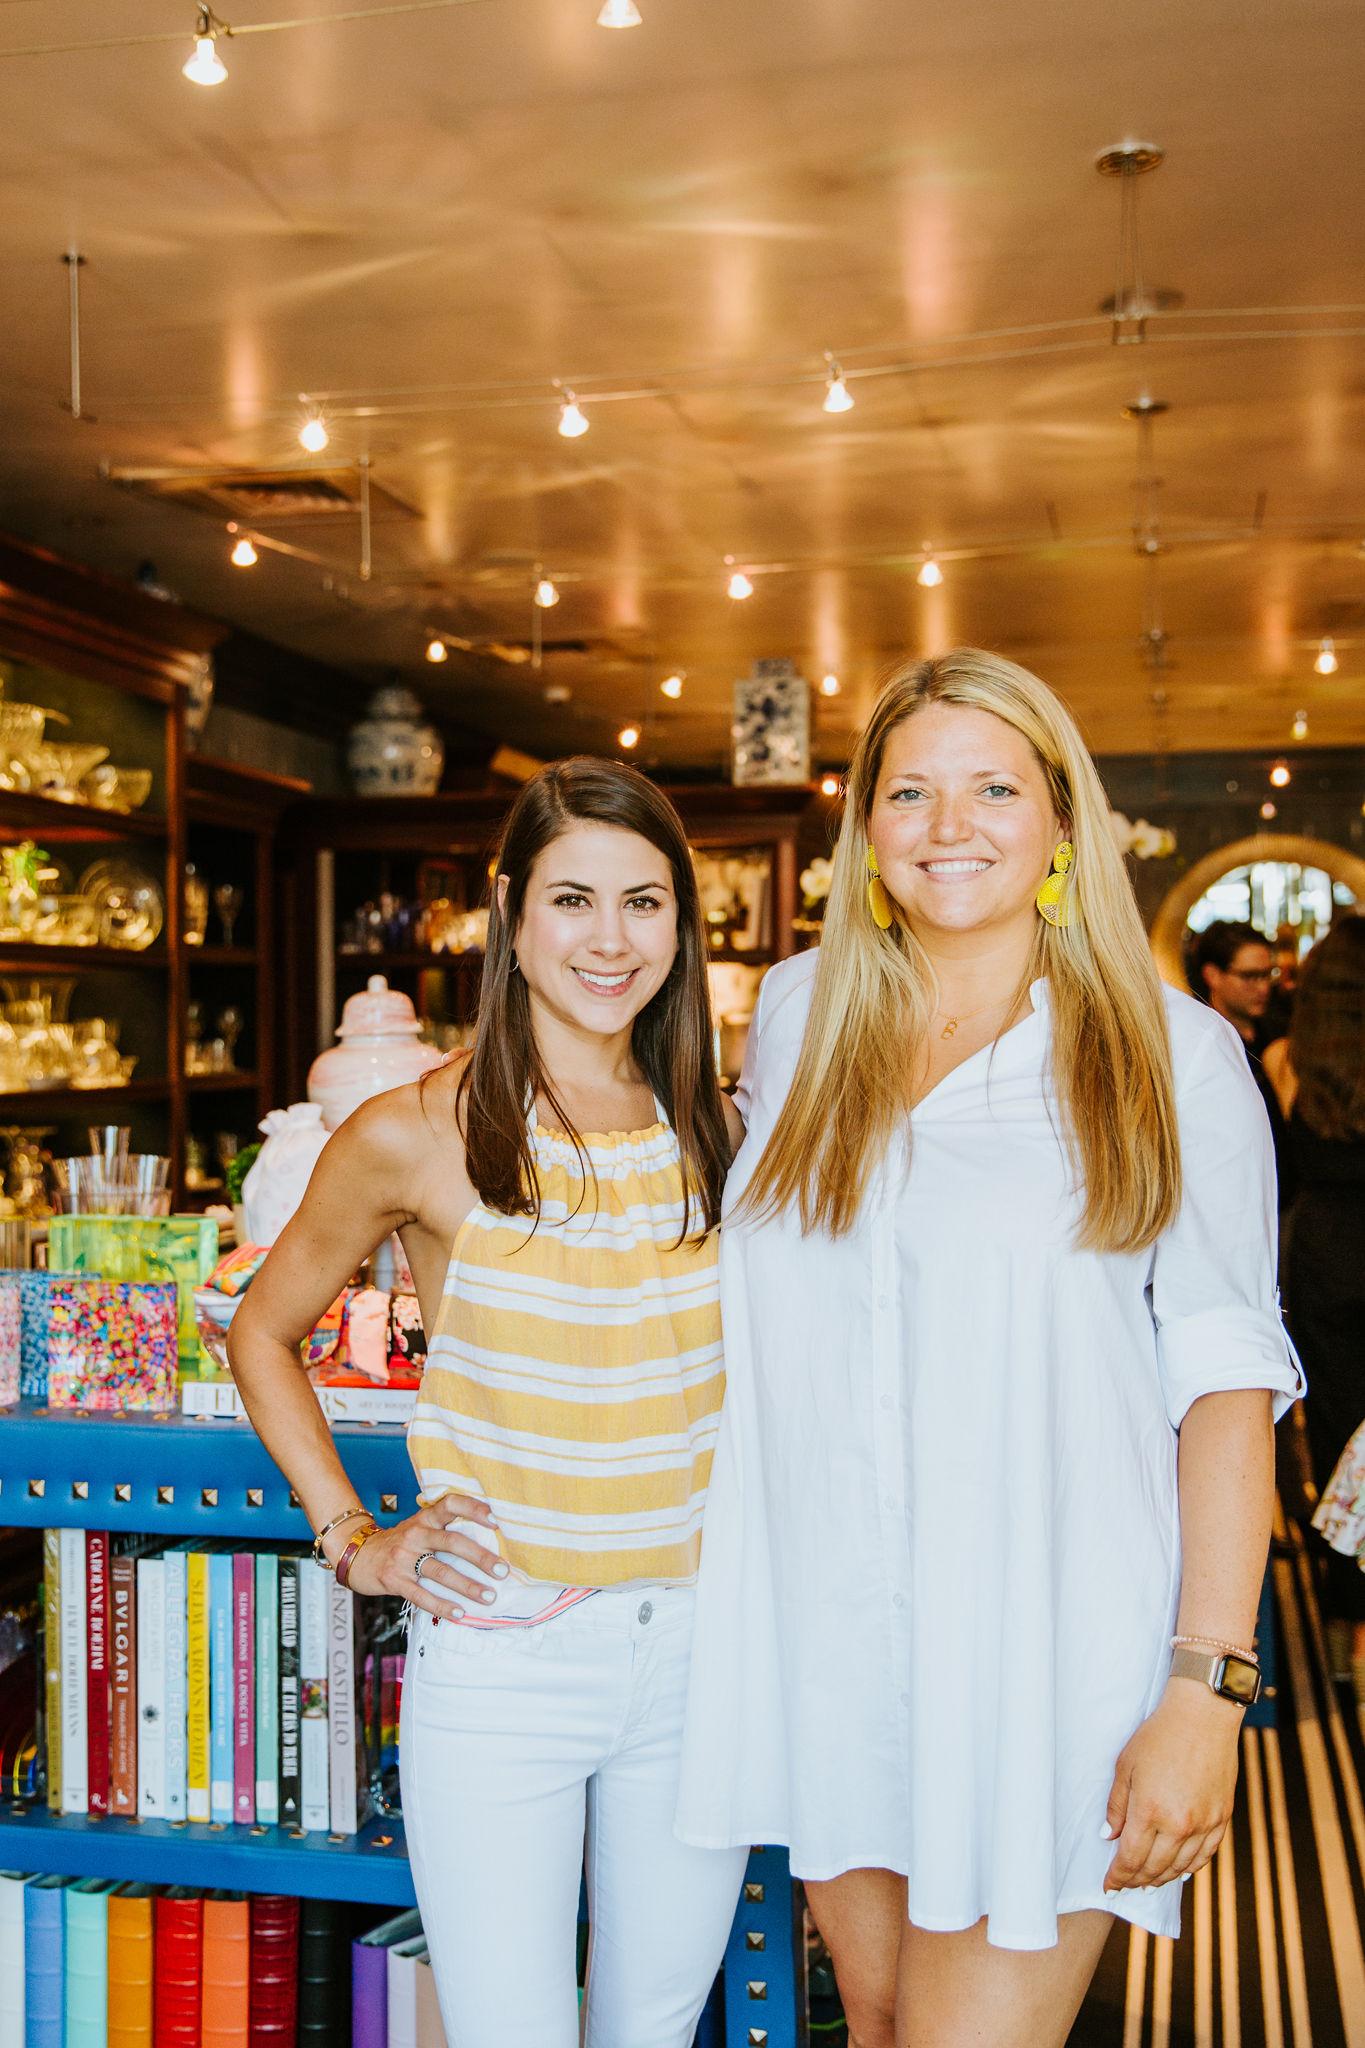 Lauren Vaughn and Browning Vaughn - Co-Founders, Life RefinedInstagram @liferefinedco